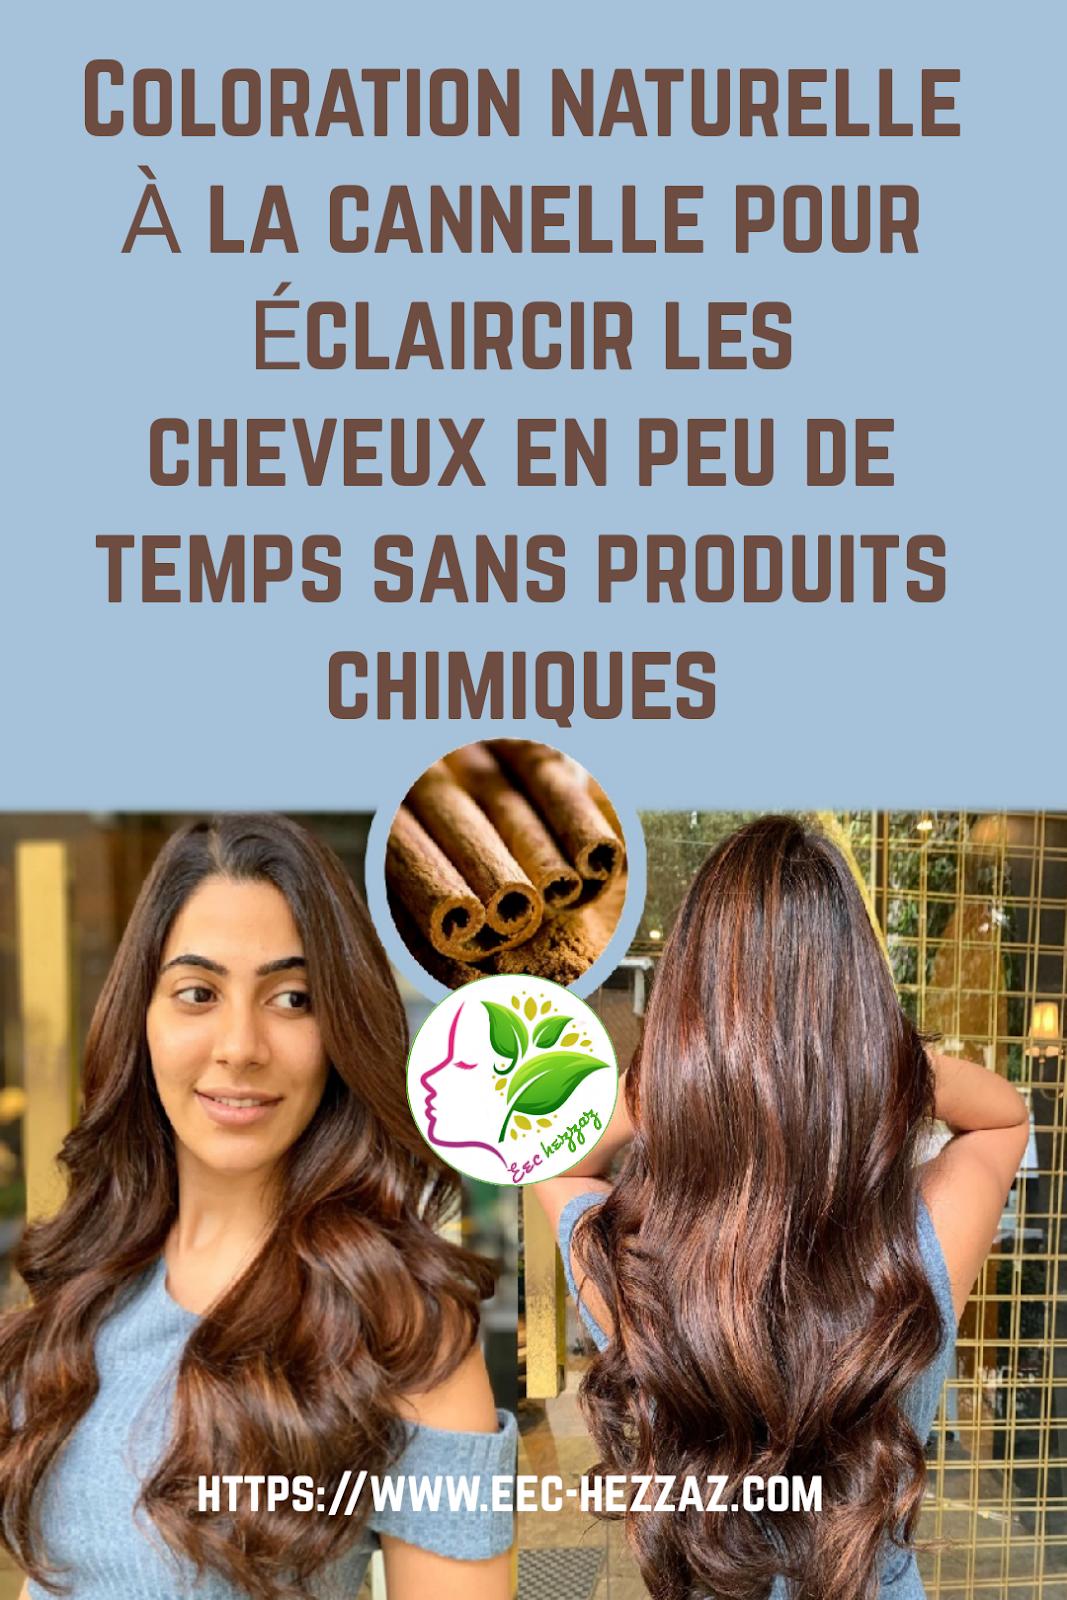 Coloration naturelle à la cannelle pour éclaircir les cheveux en peu de temps sans produits chimiques